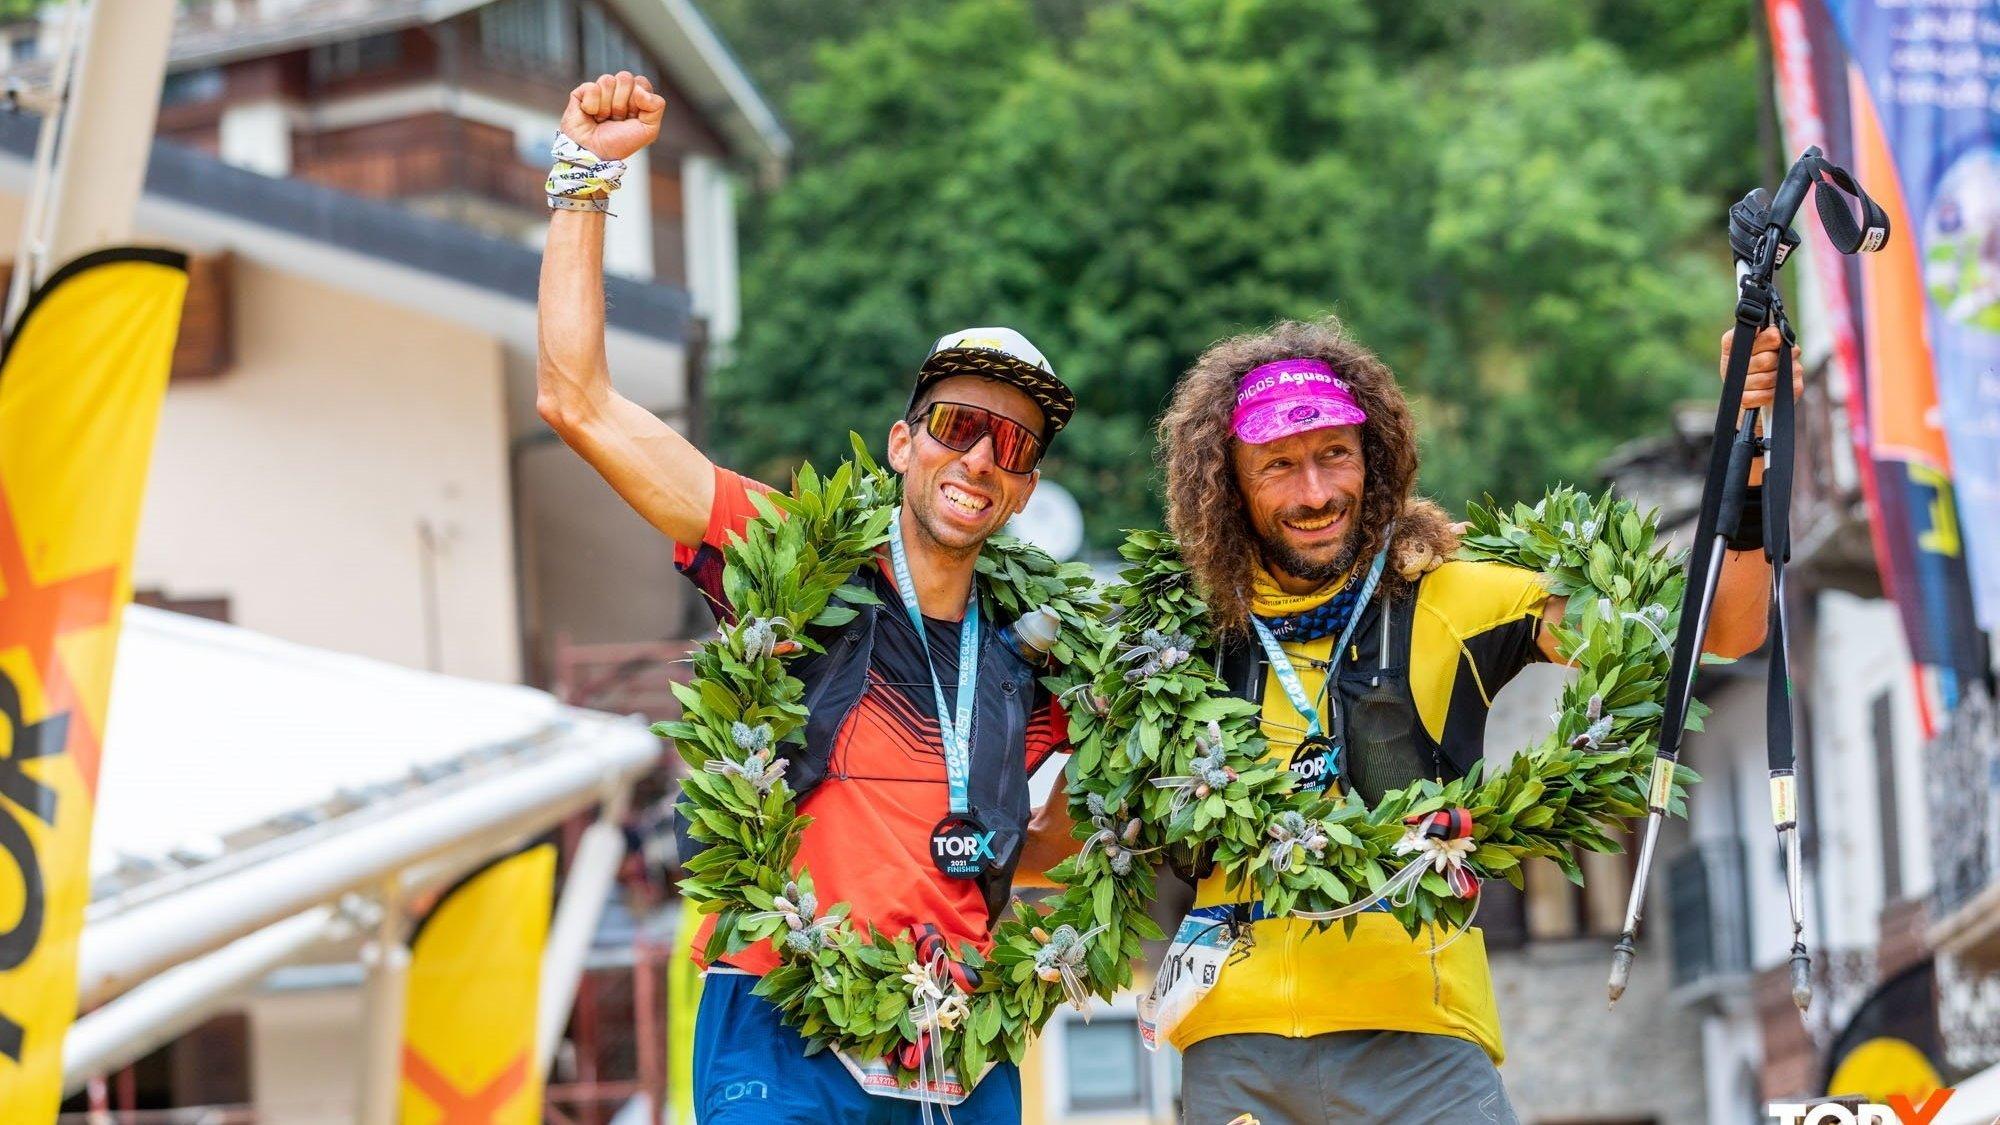 Jules-Henri Gabioud et Luca Papi célèbrent leur victoire dans le Tor des glaciers à Courmayeur après plus de 138 heures d'effort.